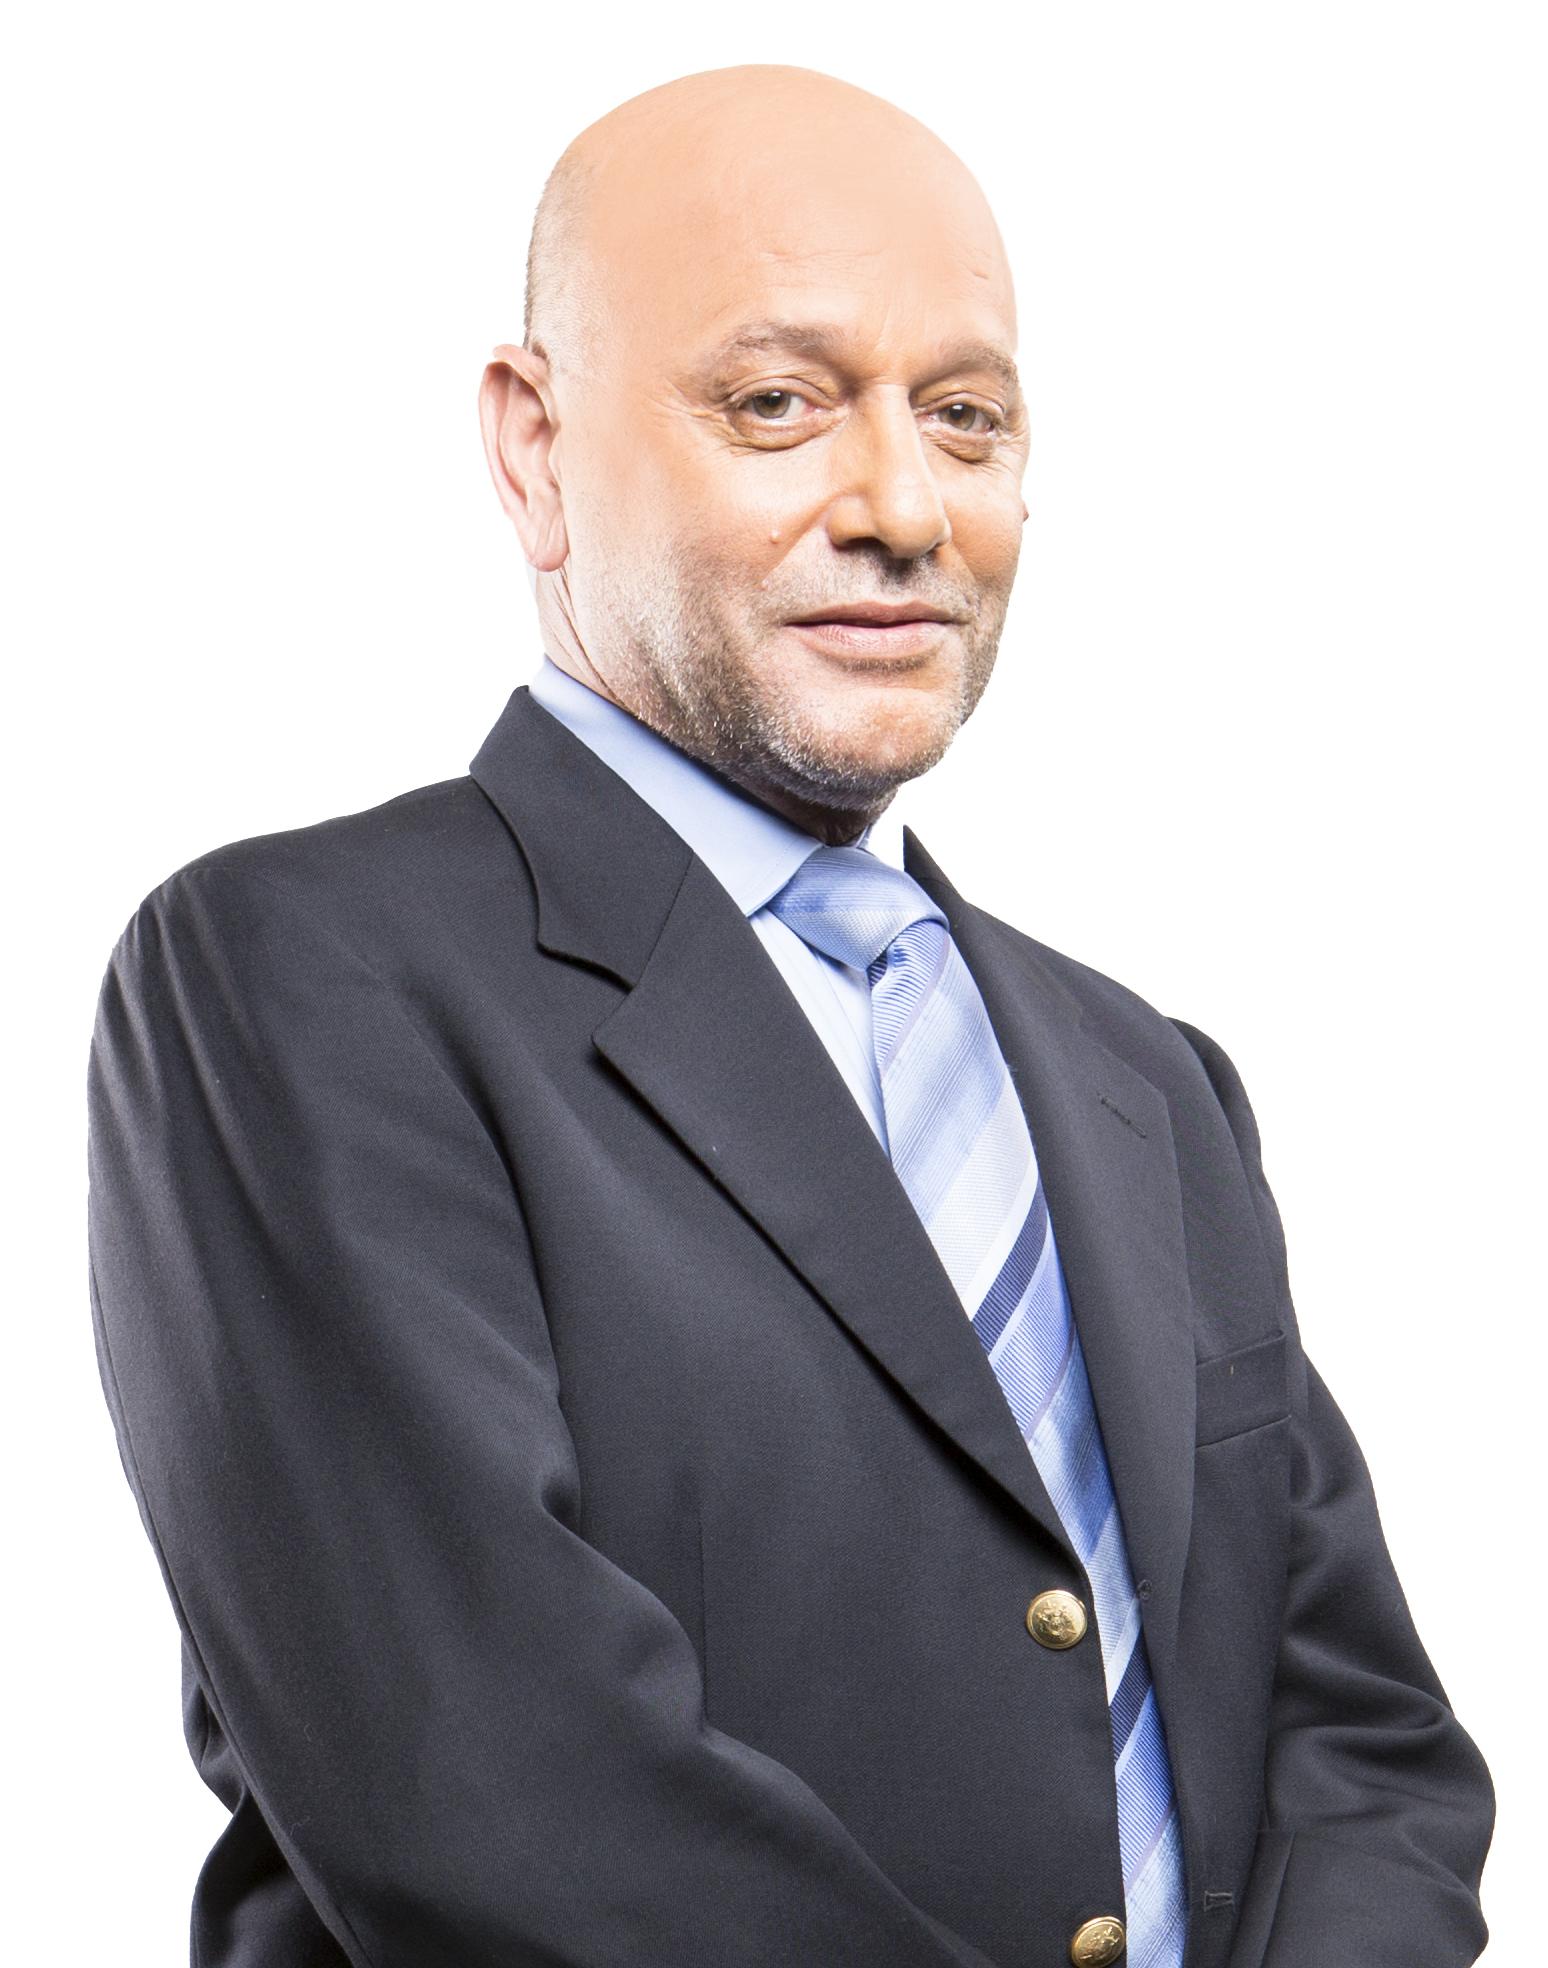 Paul Shoucair